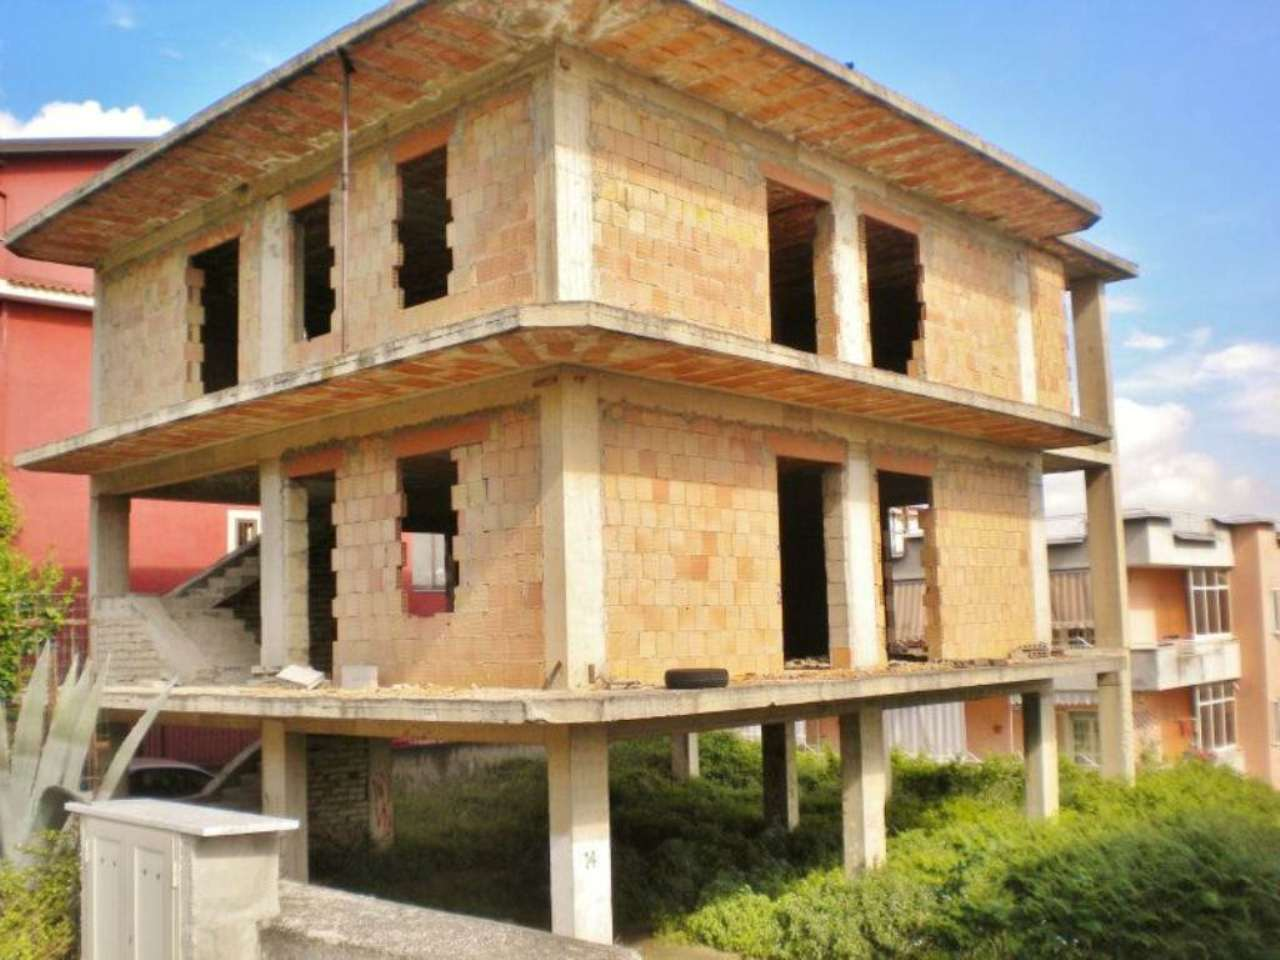 Immobile Commerciale in vendita a Quarto, 20 locali, prezzo € 250.000 | Cambio Casa.it